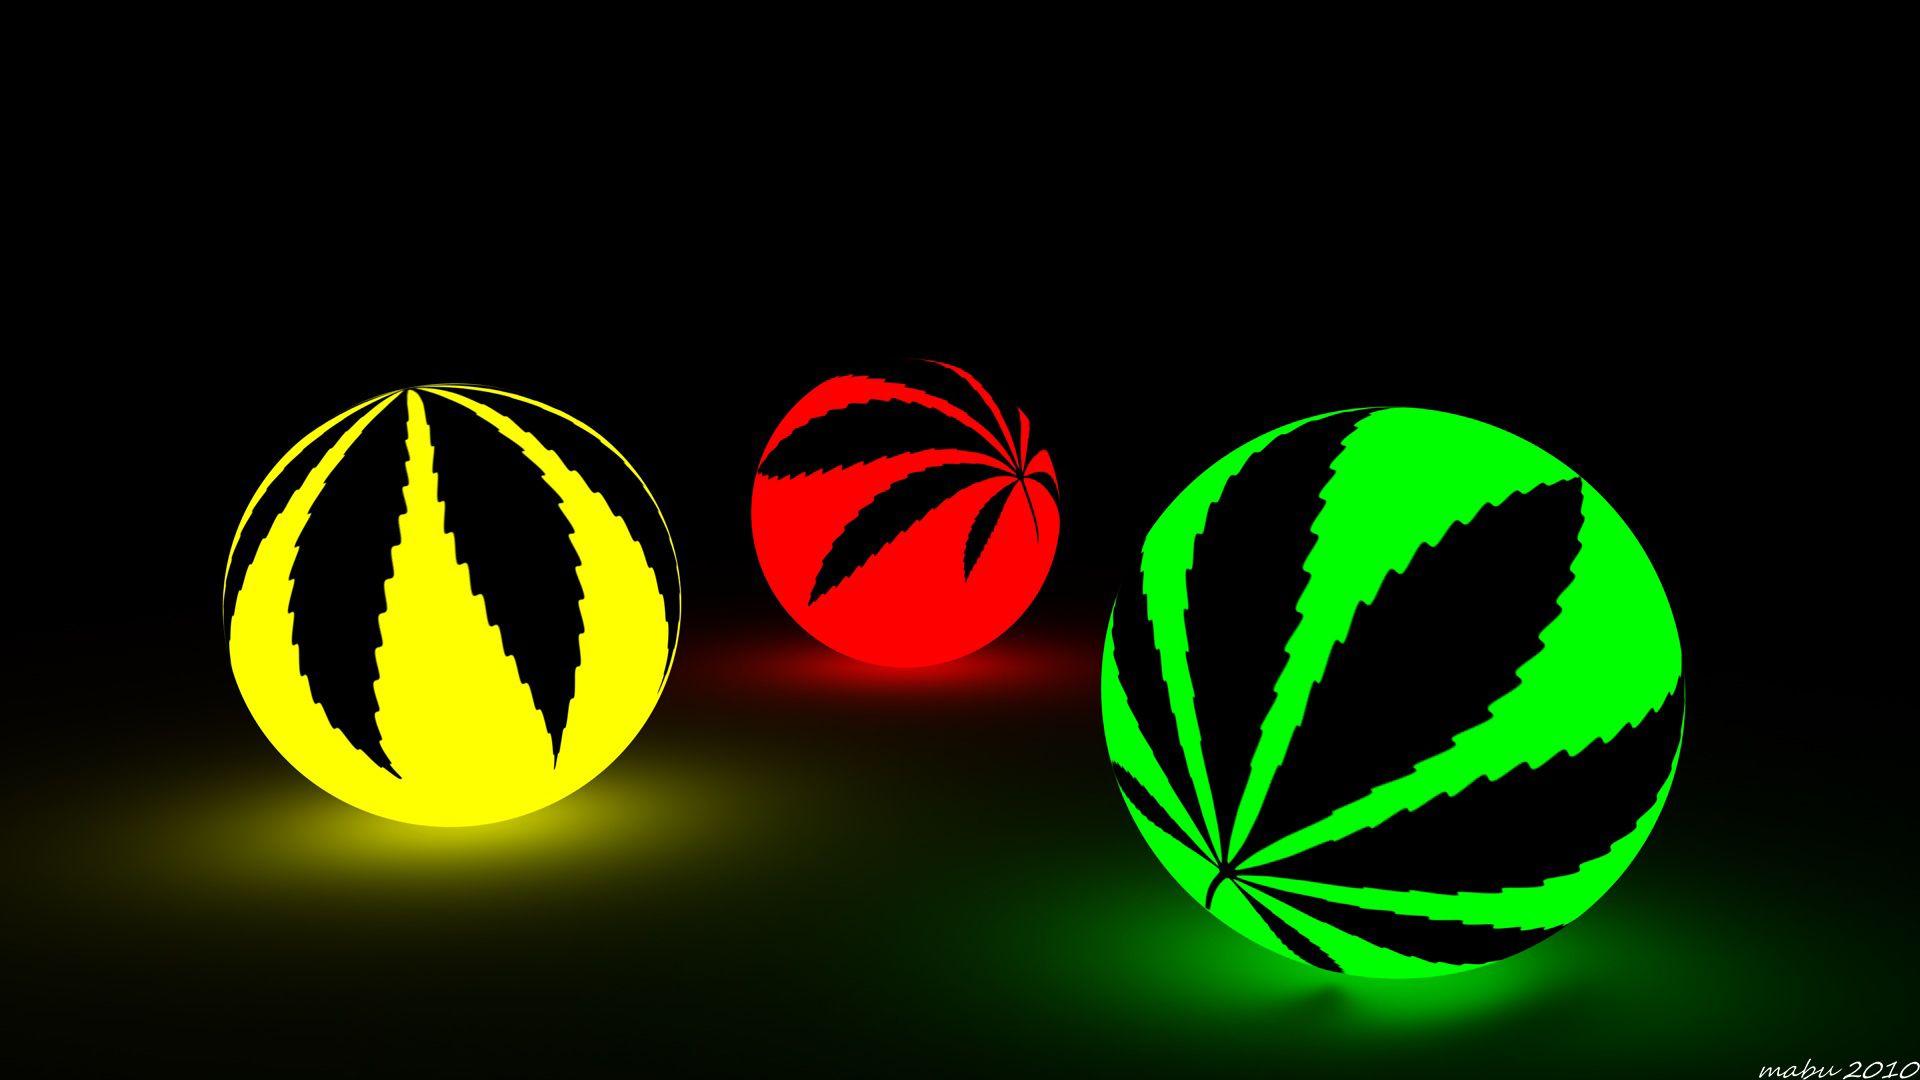 marijuana abstract wallpaper - photo #21